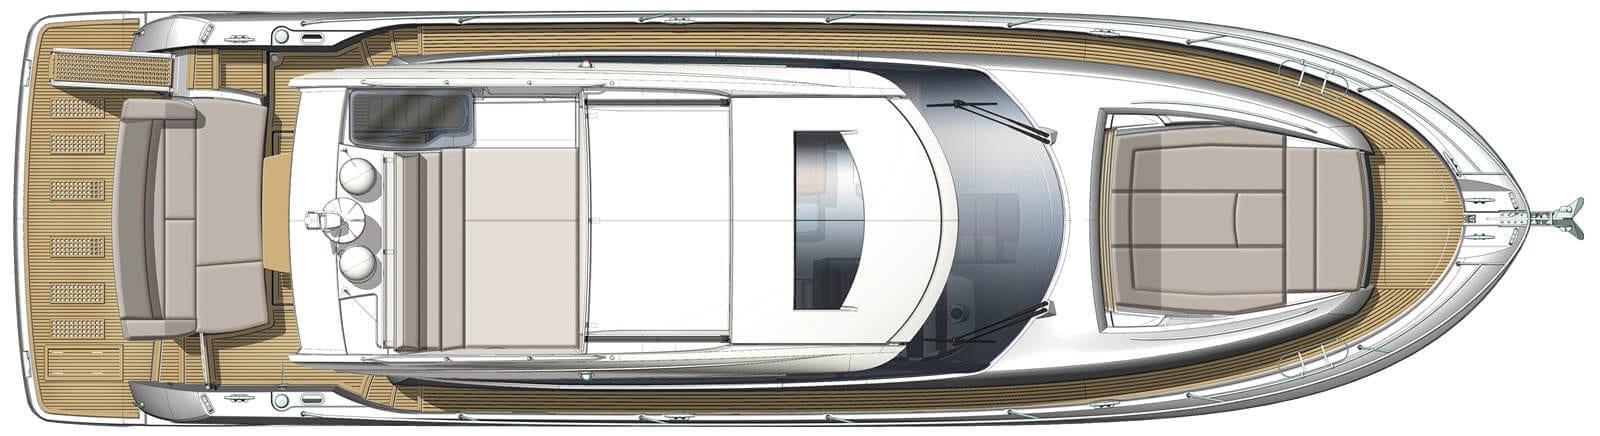 יאכטה Prestige 560 Sport - סטרים יאכטות